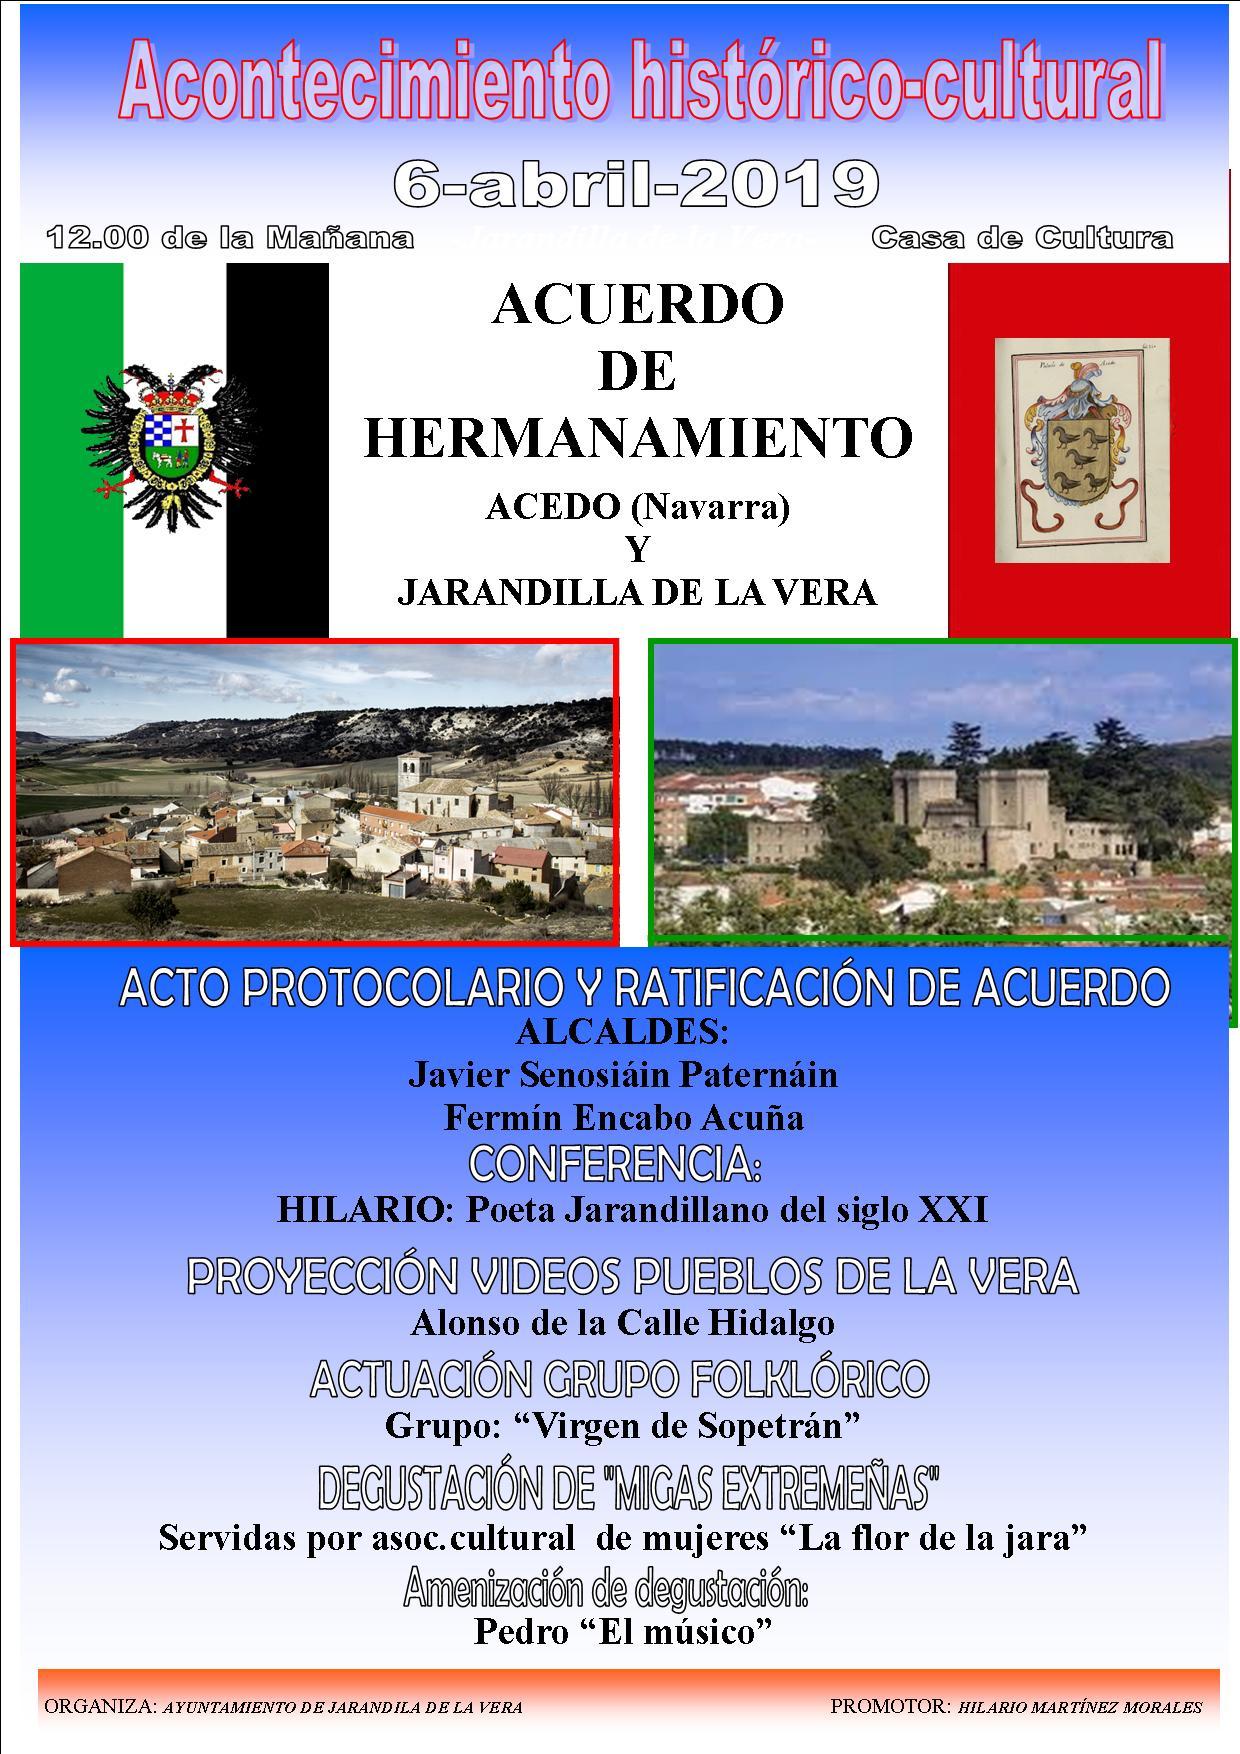 Acto de hermanamiento entre el pueblo navarro de Acedo y Jarandilla